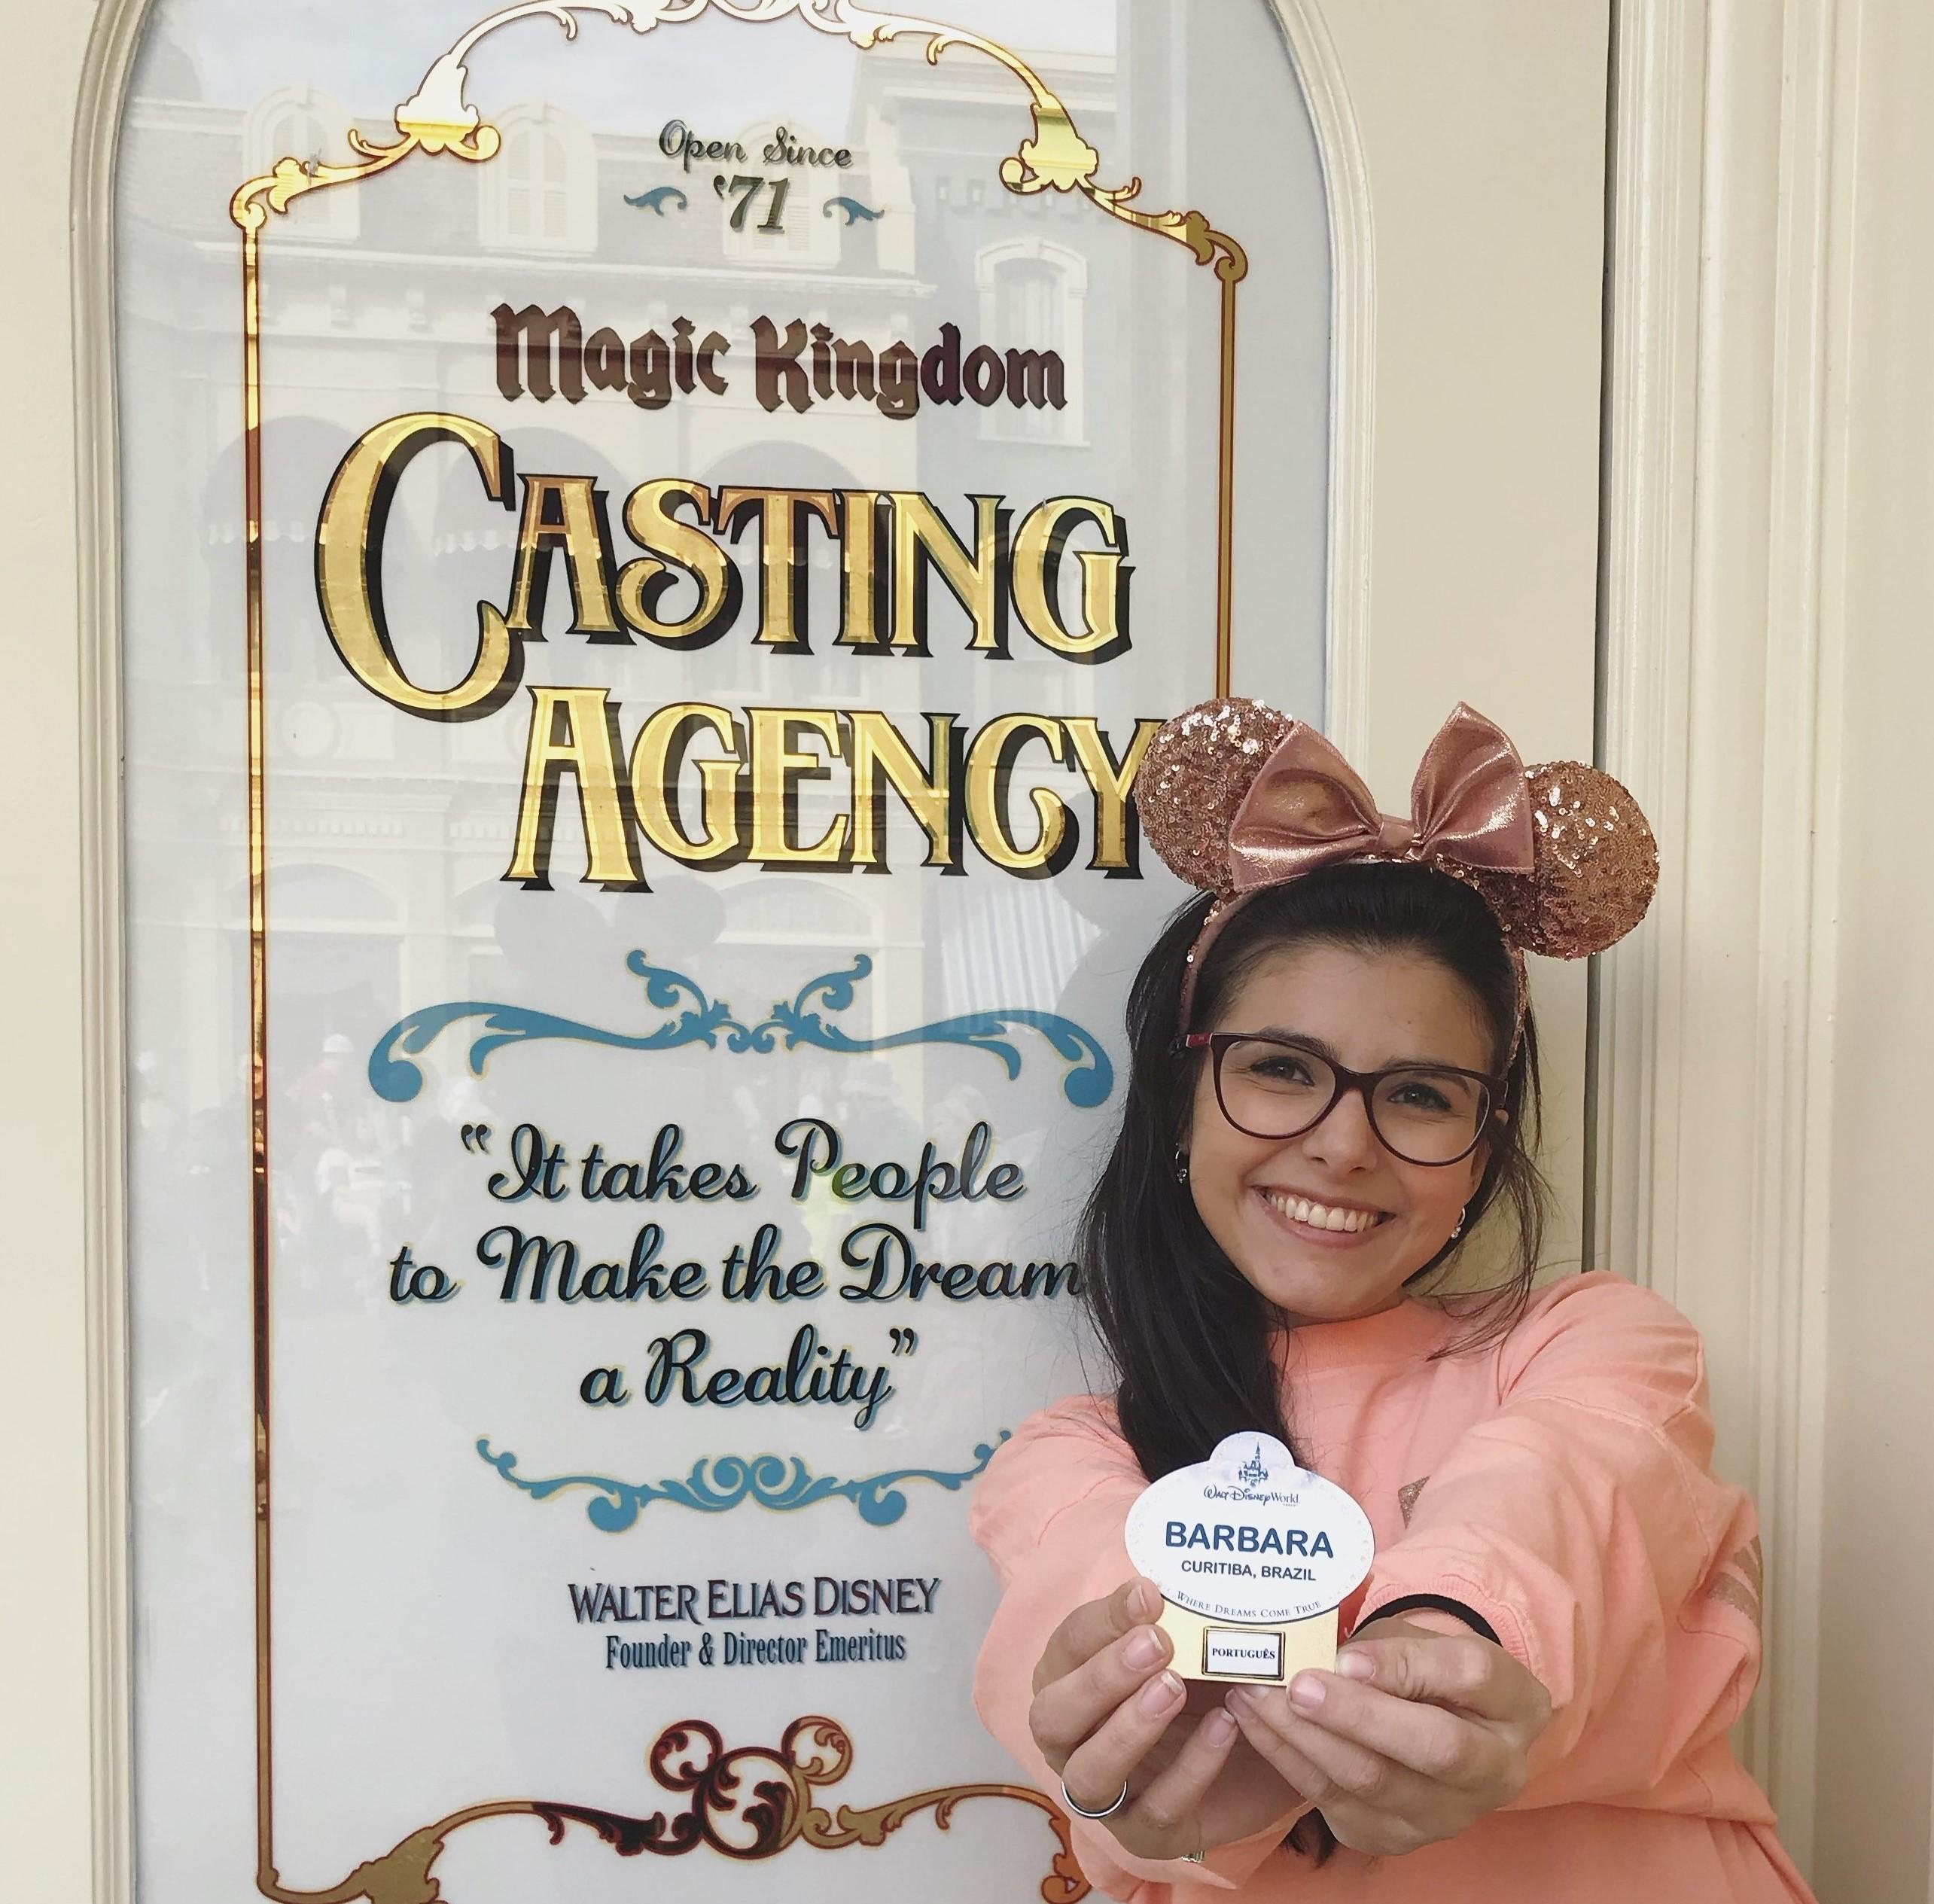 Trabalhando na Disney: como foi minha 2ª entrevista?